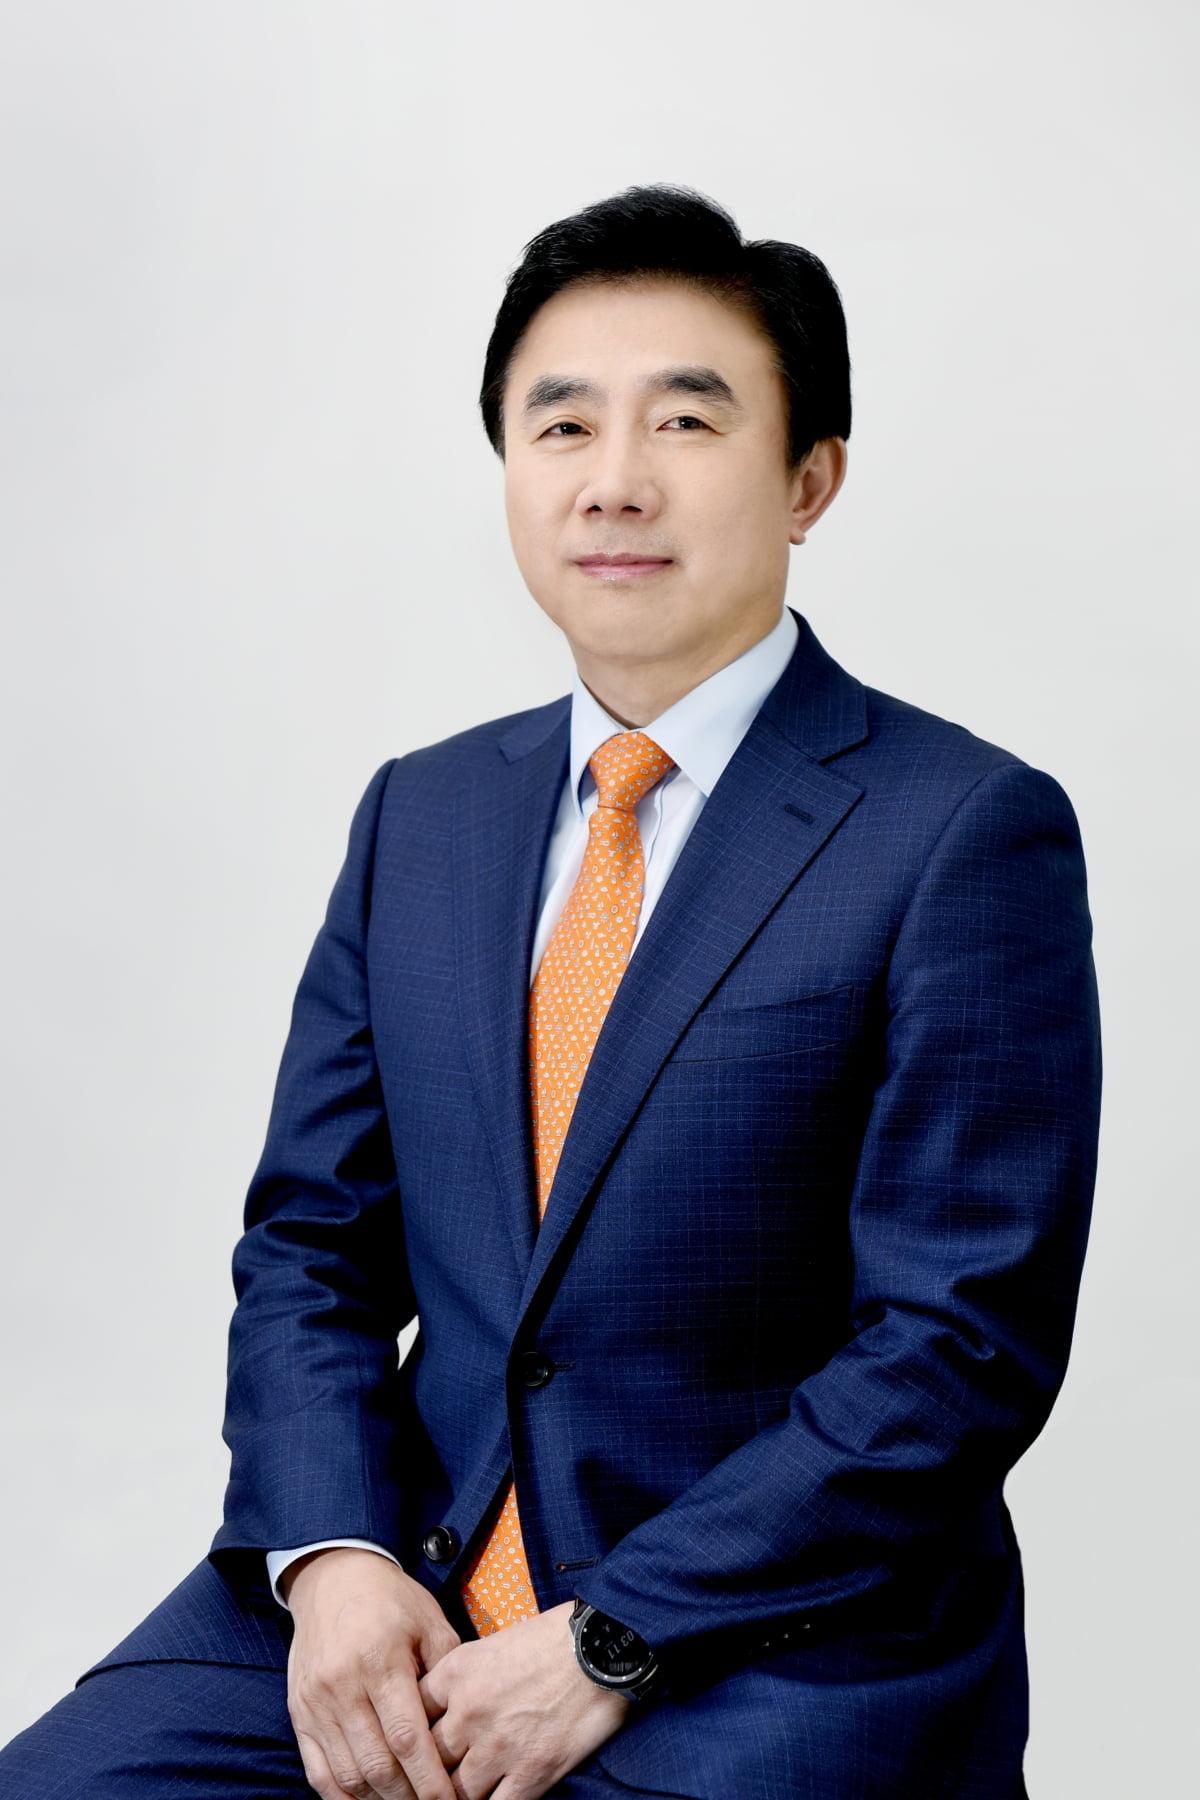 전영묵 삼성생명 대표, 자사주 6천주 매입